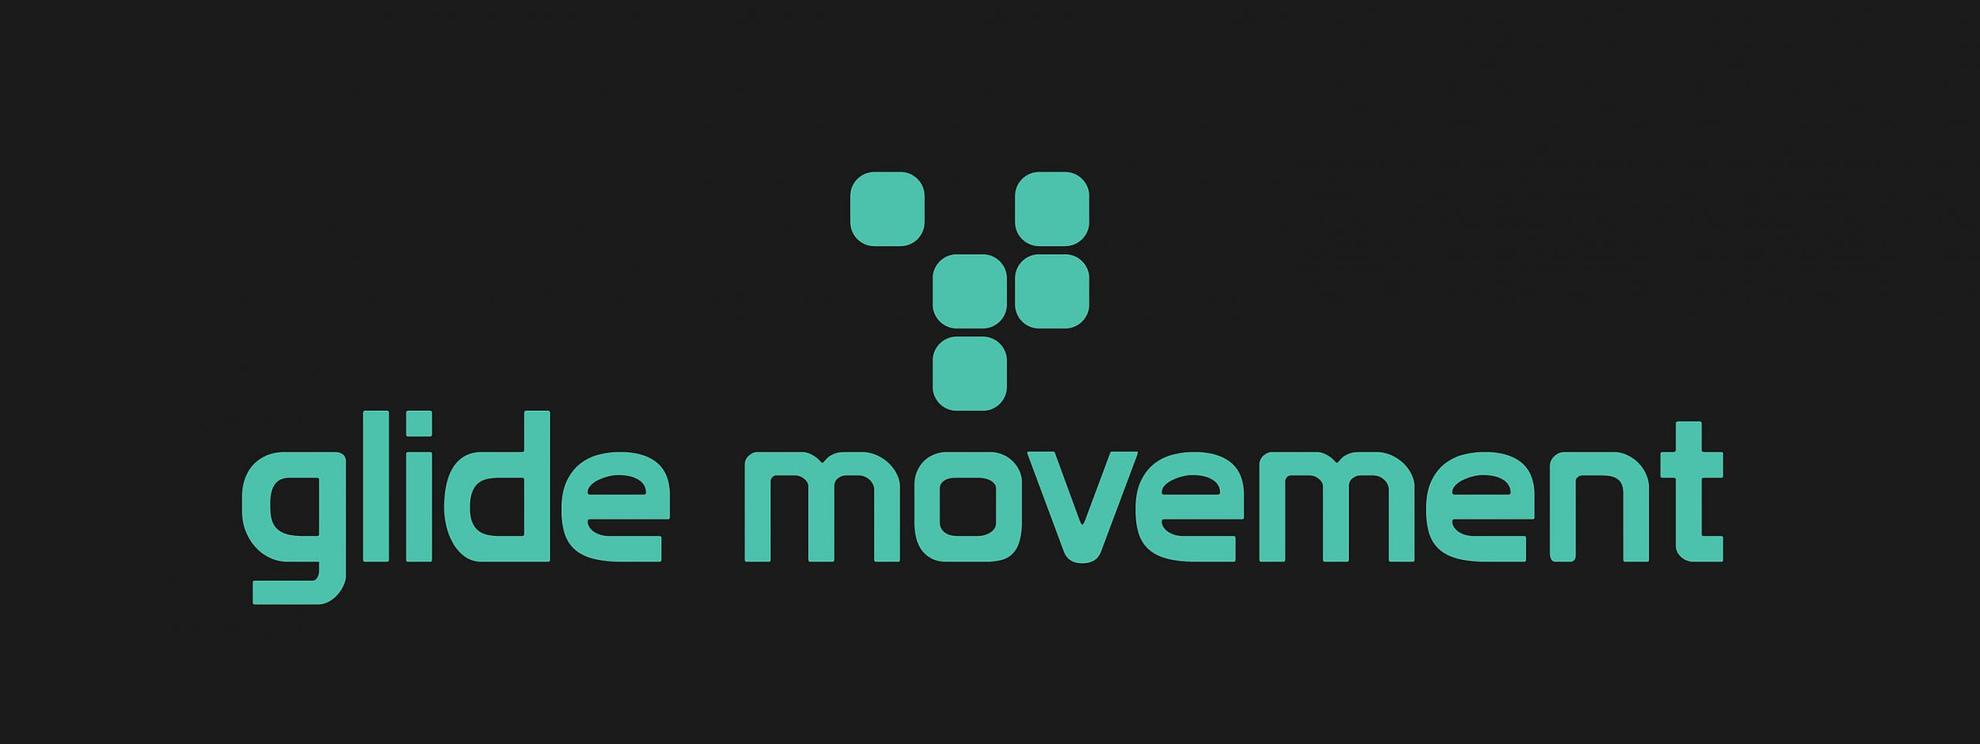 logo glide movement